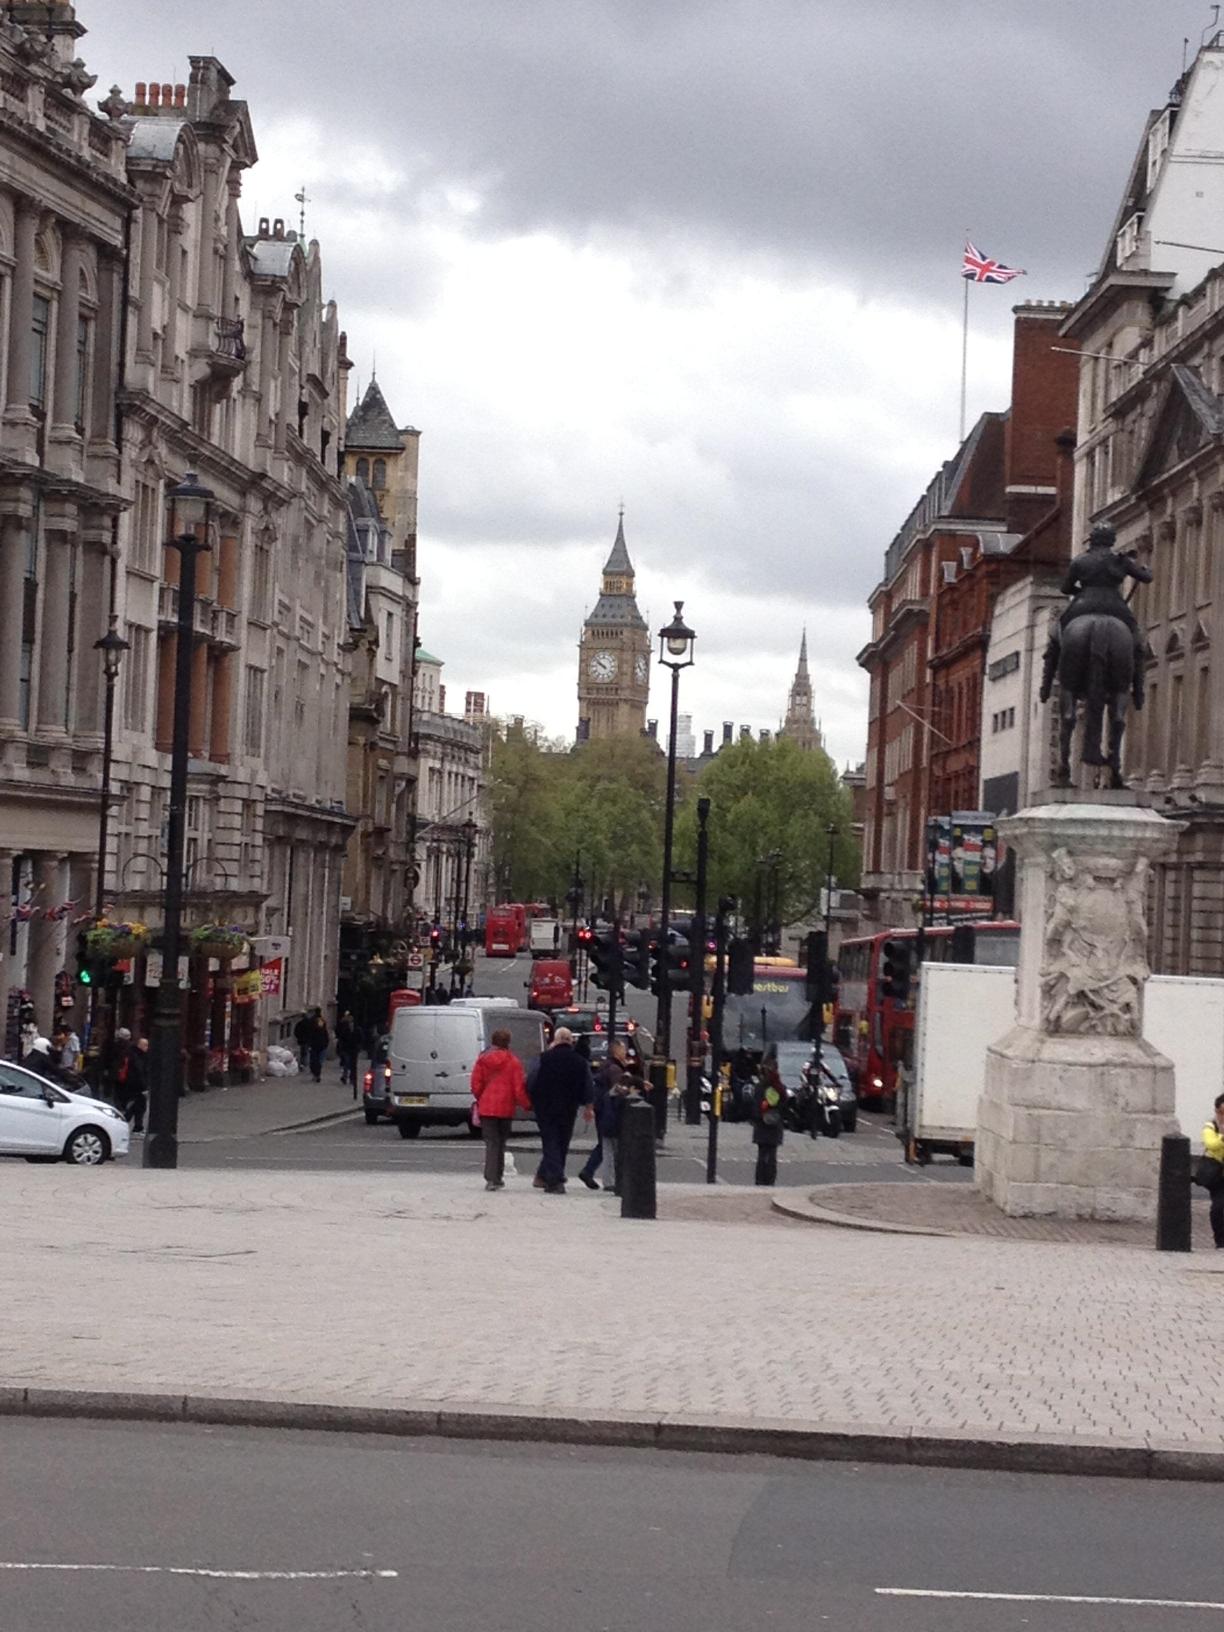 vue éloignée du Big Ben de Londres